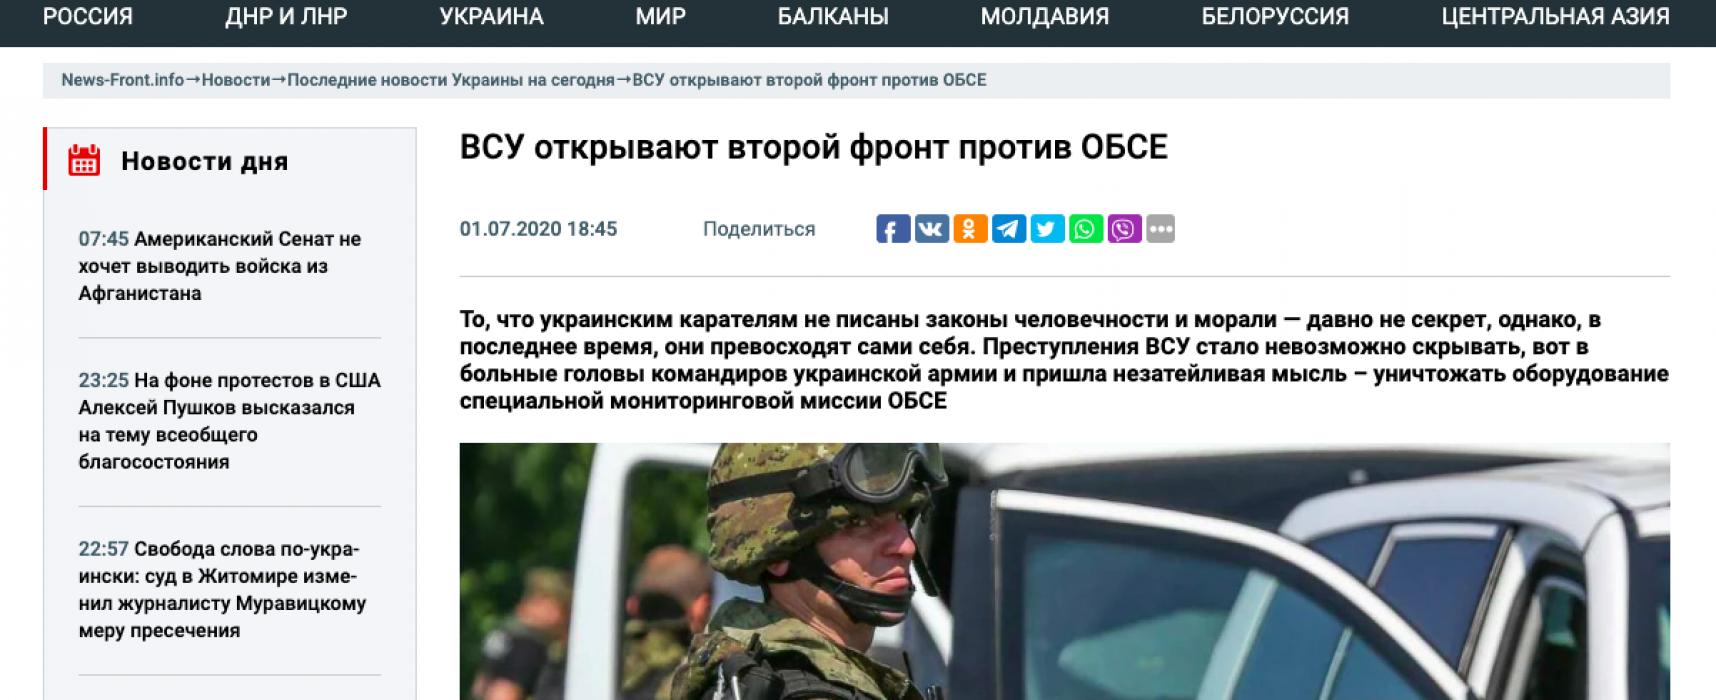 Фейк: ВСУ на Донбассе препятствует работе миссии ОБСЕ